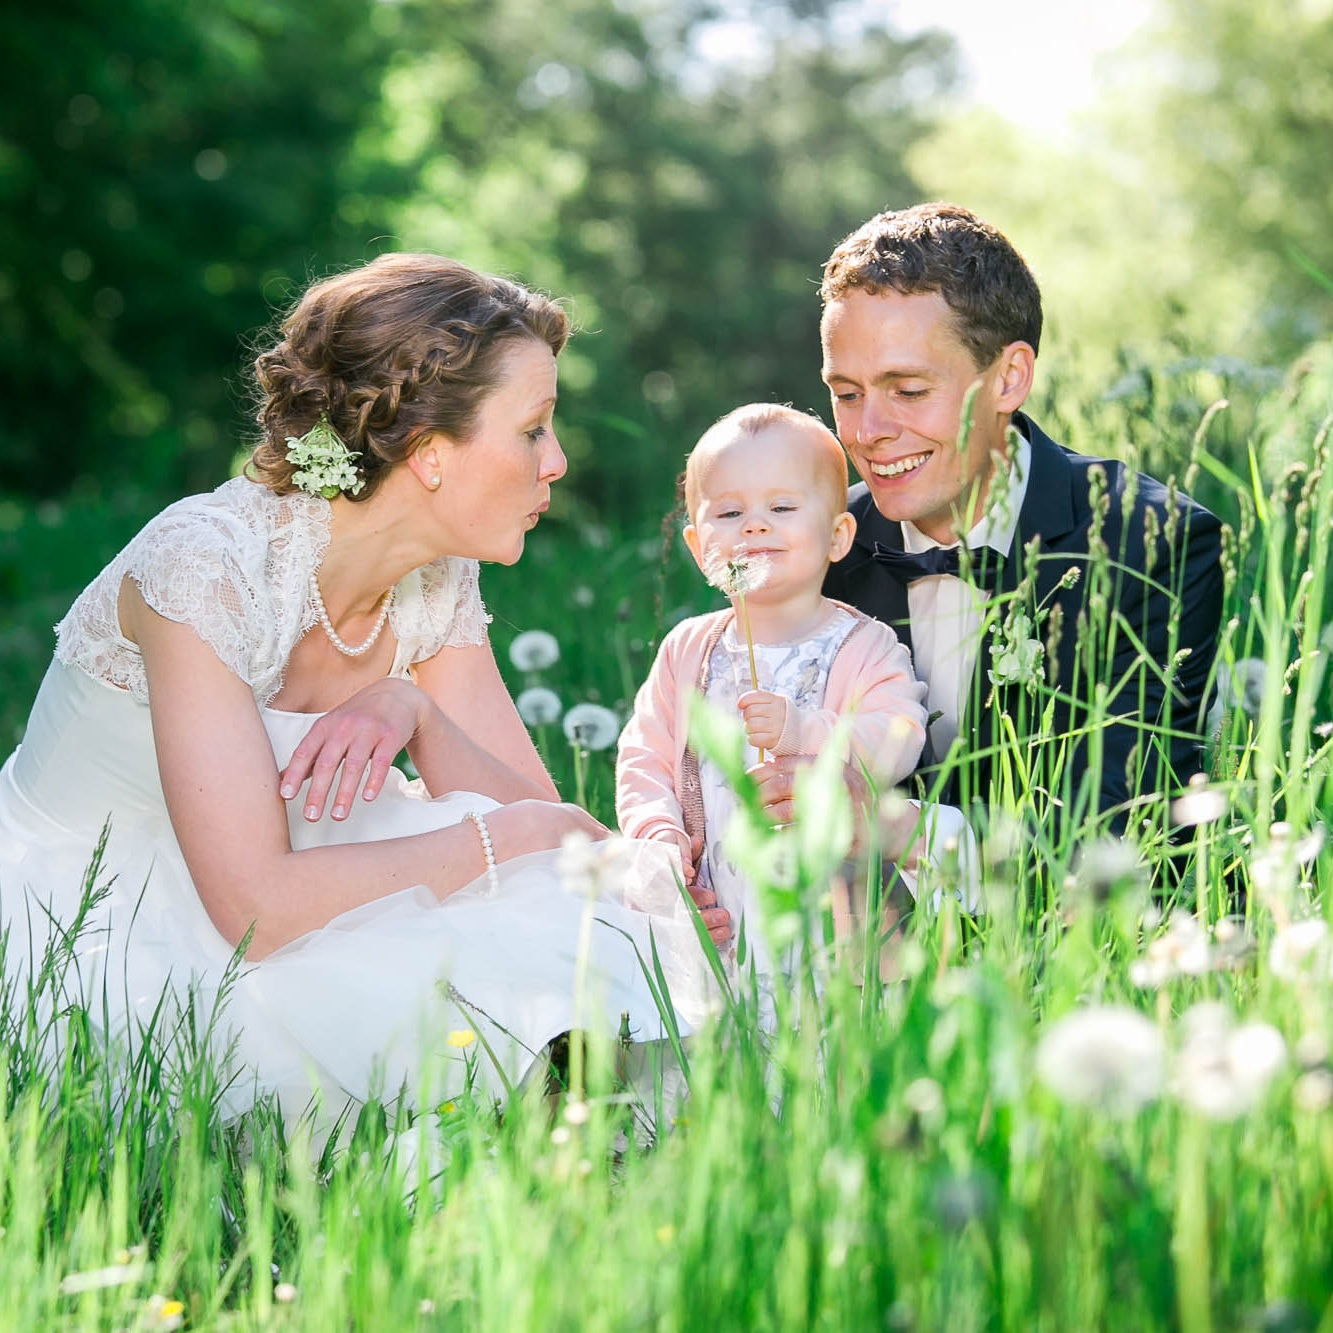 Masser af erfaring - Thellufsenfoto har erfaring. Med mere end 12 bryllupper om året i Nordjylland giver det jer sikkerhed for et godt resultat. Med Thellufsenfoto som fotograf til jeres bryllup, er I sikker på at få den bedste service og de bedste resultater.